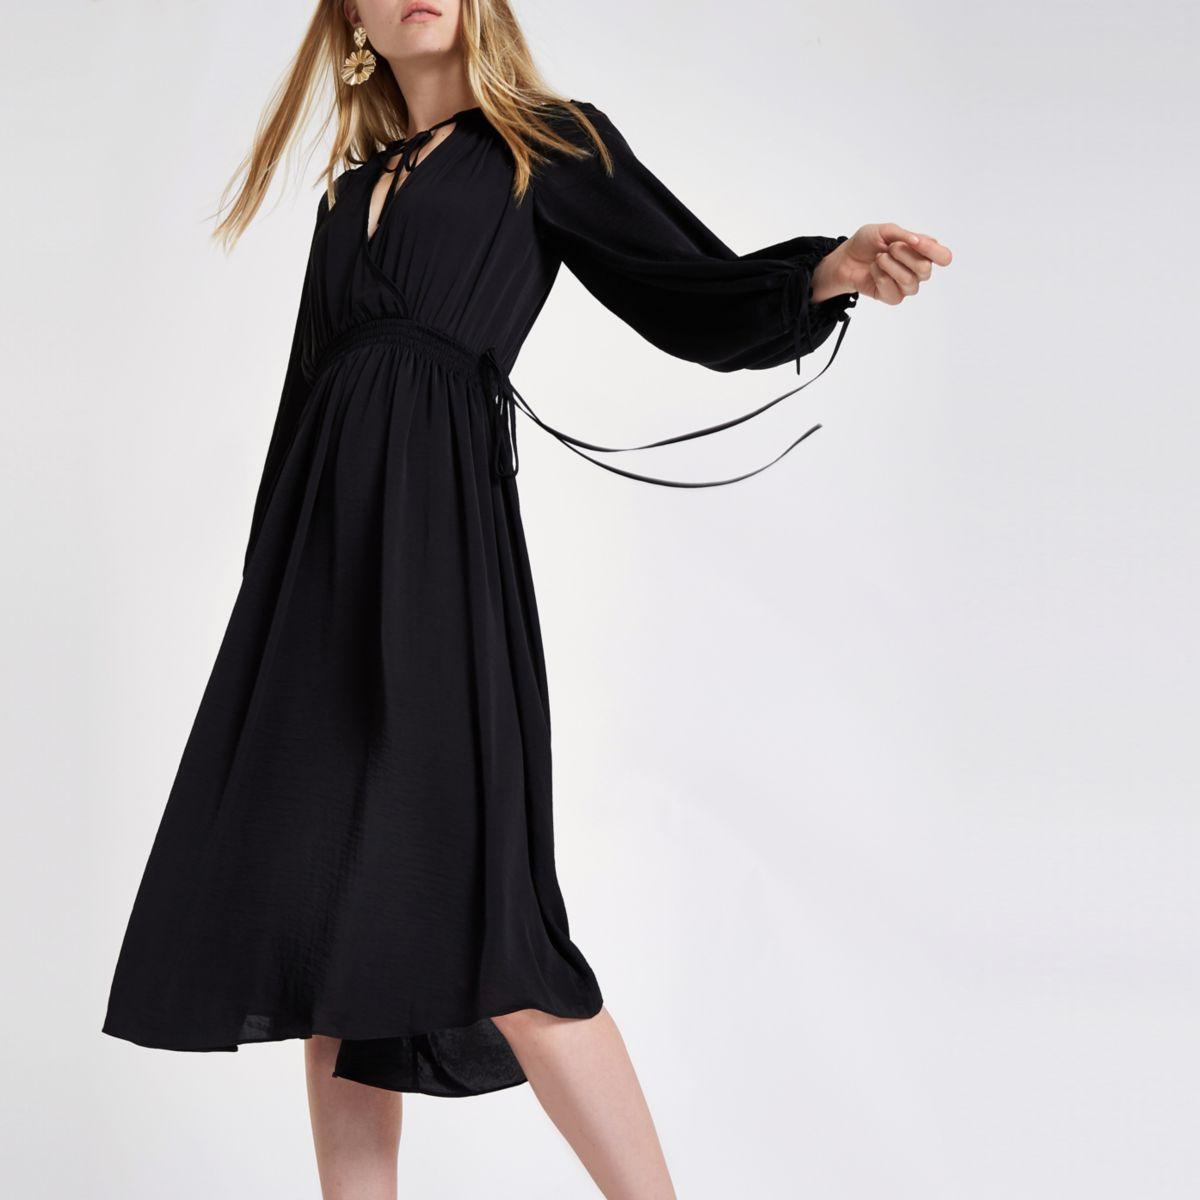 Zwarte aangerimpende midi-jurk met gesmokte taille